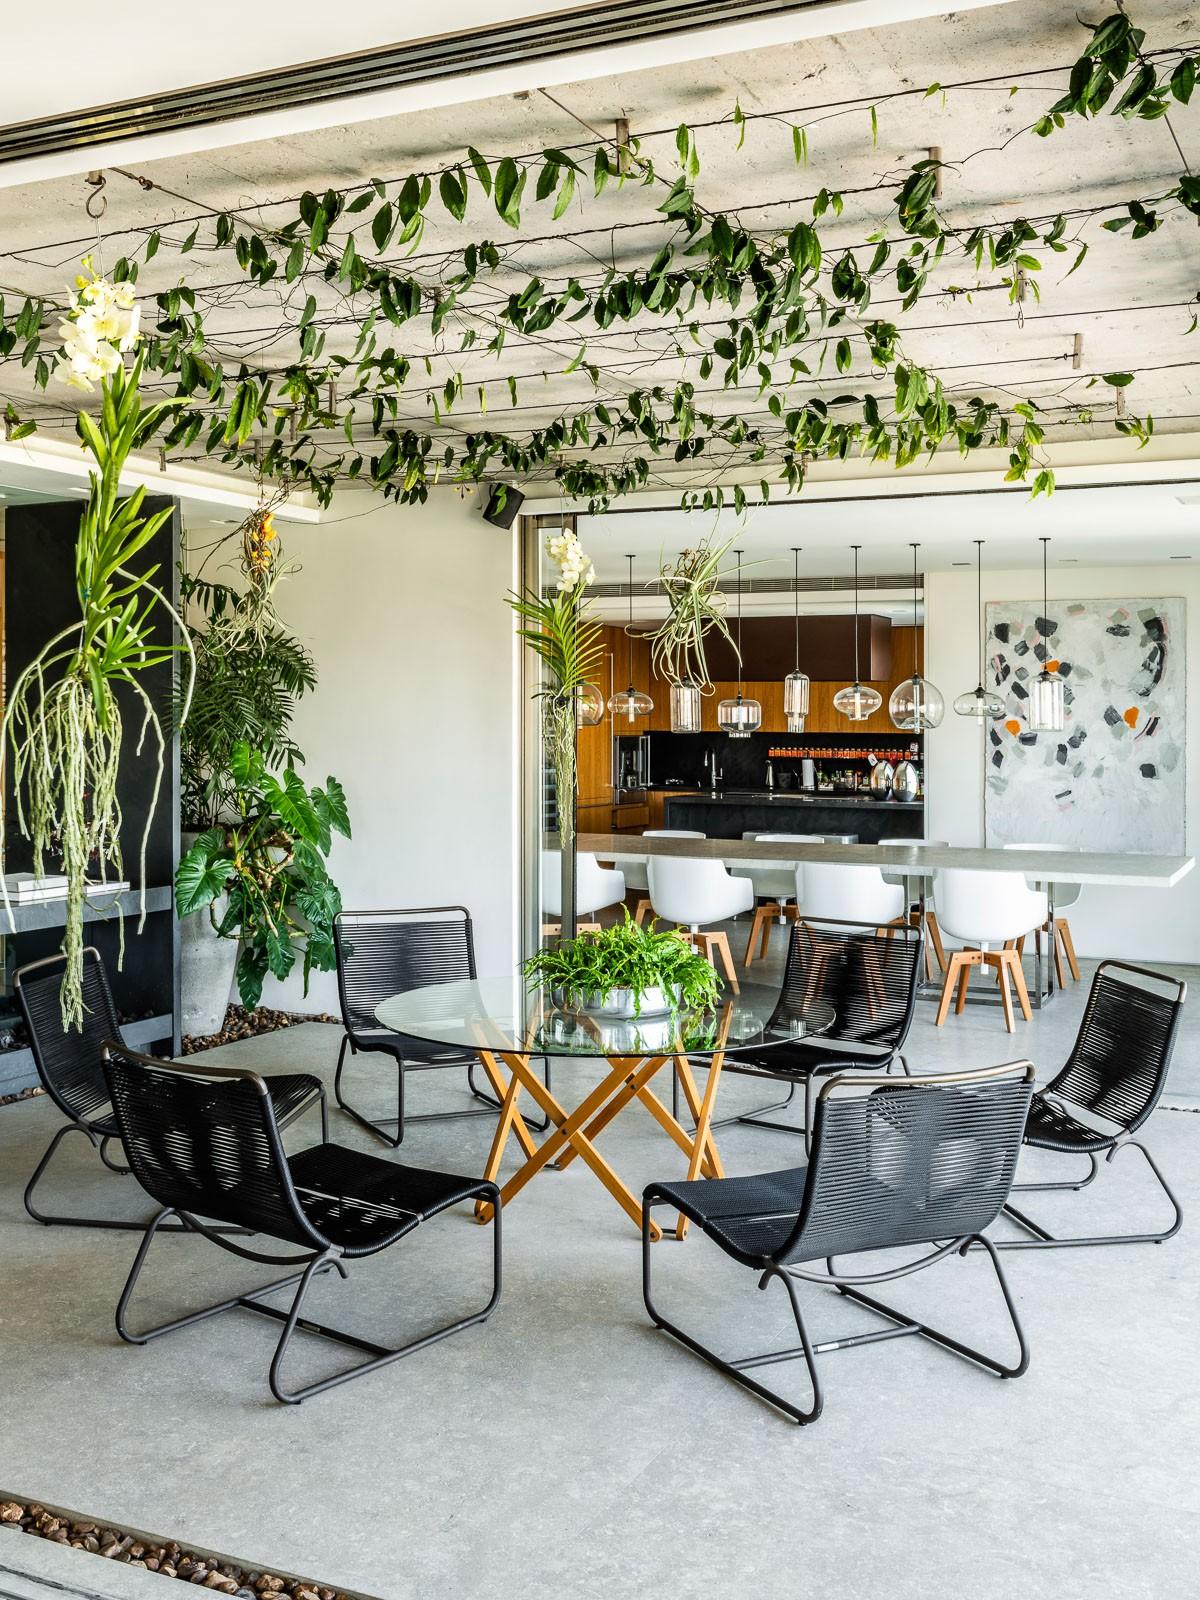 Décor do dia: varanda integrada com plantas por toda a parte